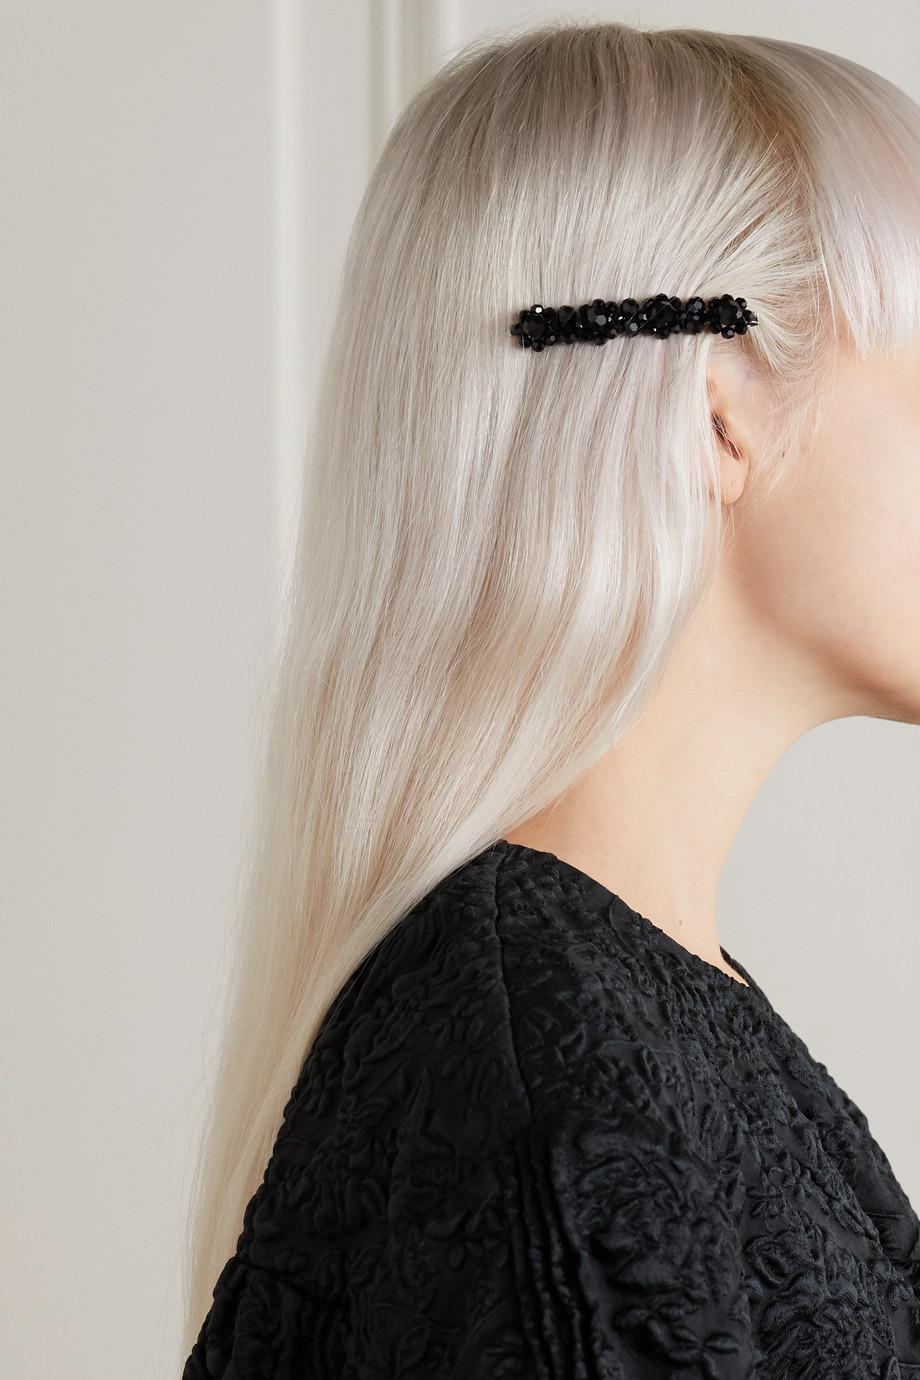 Simone Rocha Flower Haarspange mit Kristallen